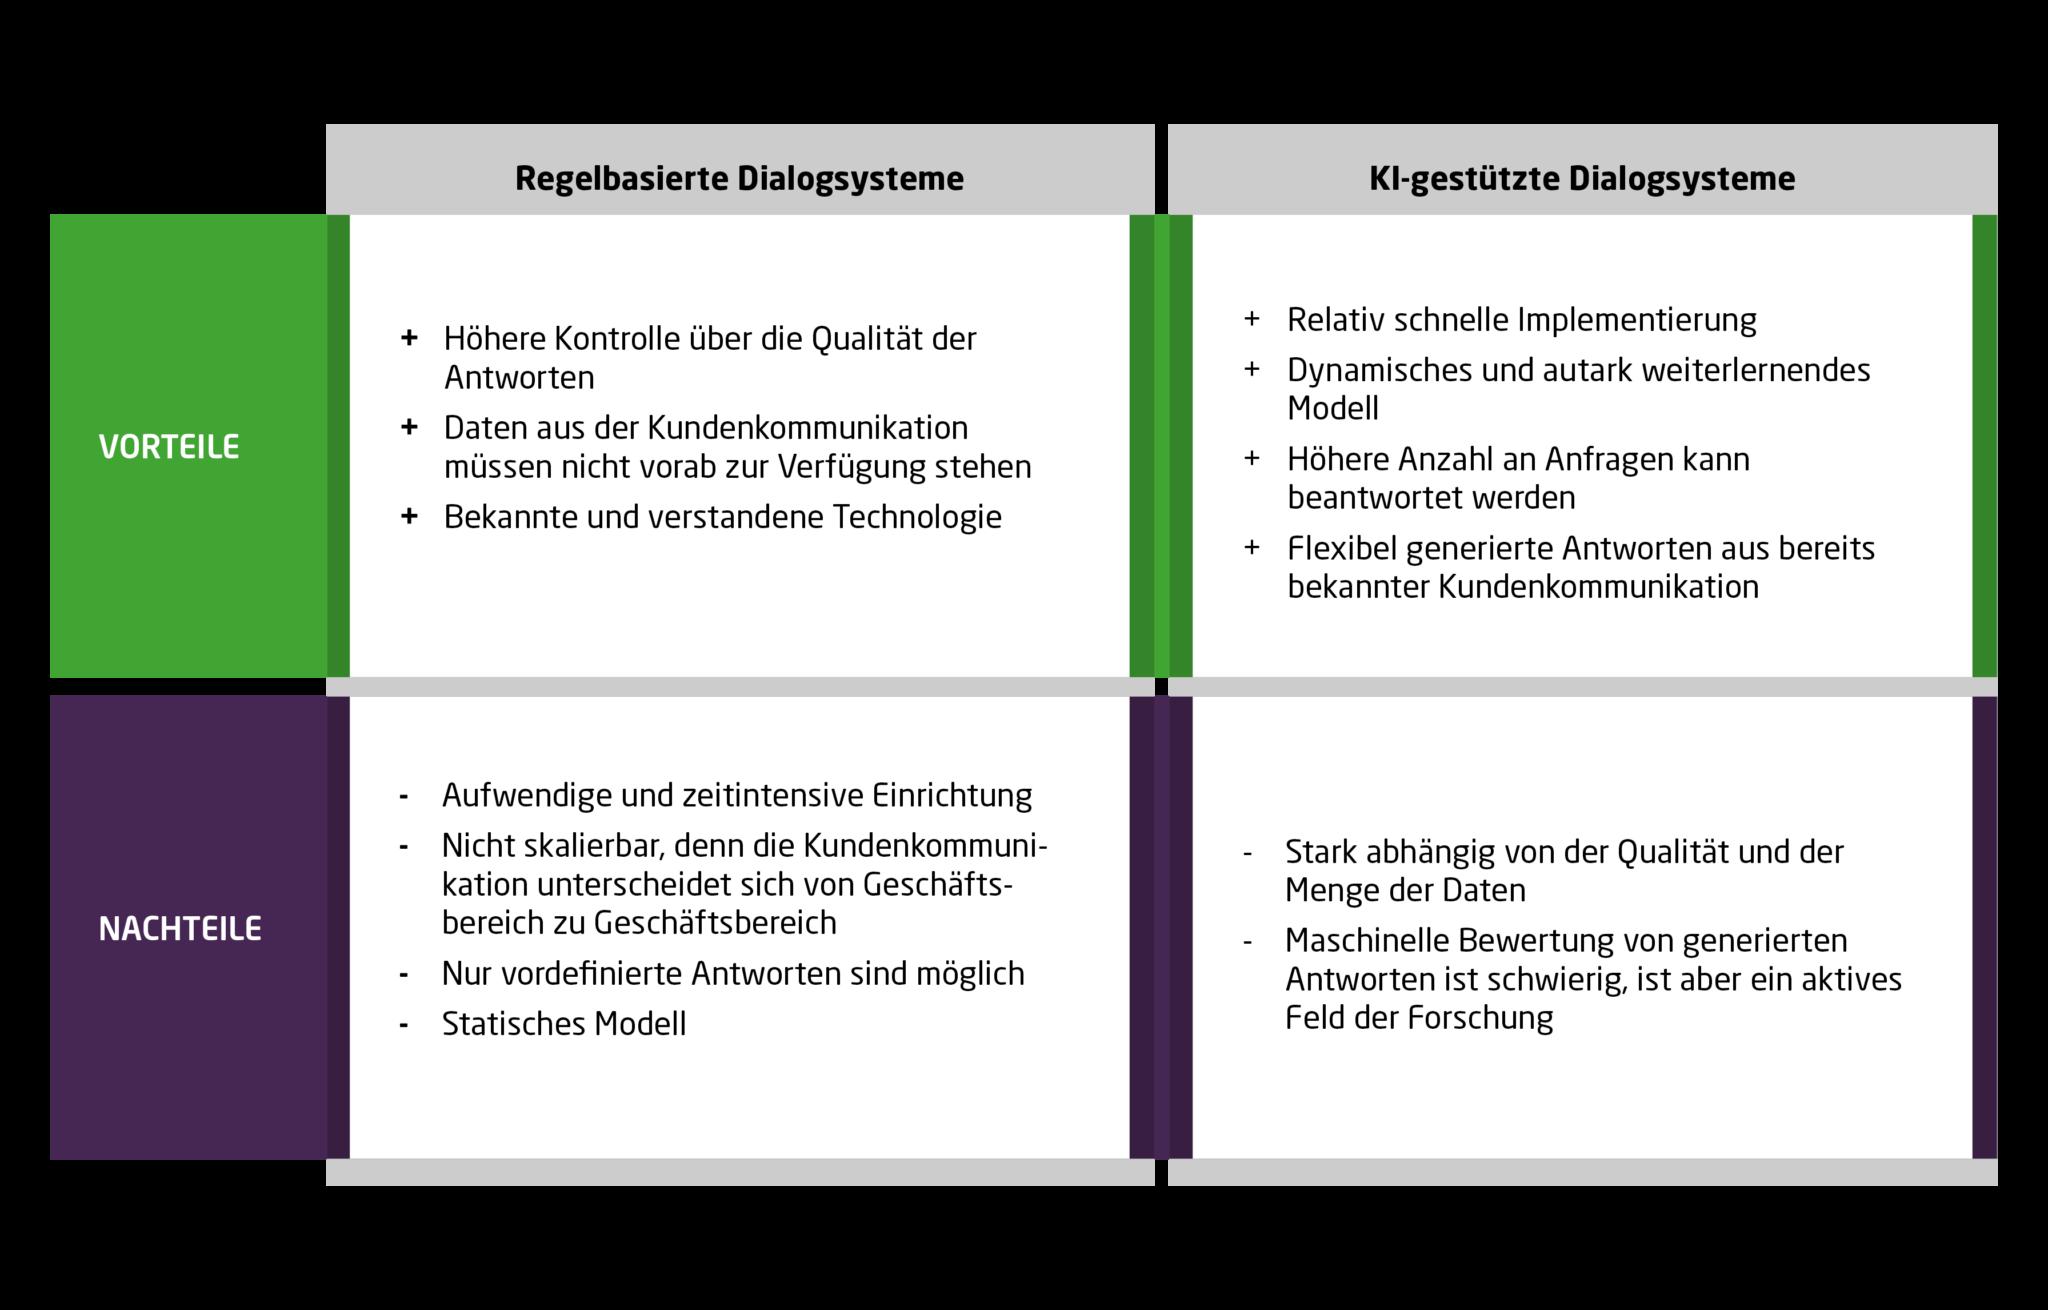 Vergleich der regelbasierten und KI-gestützten Dialogsysteme